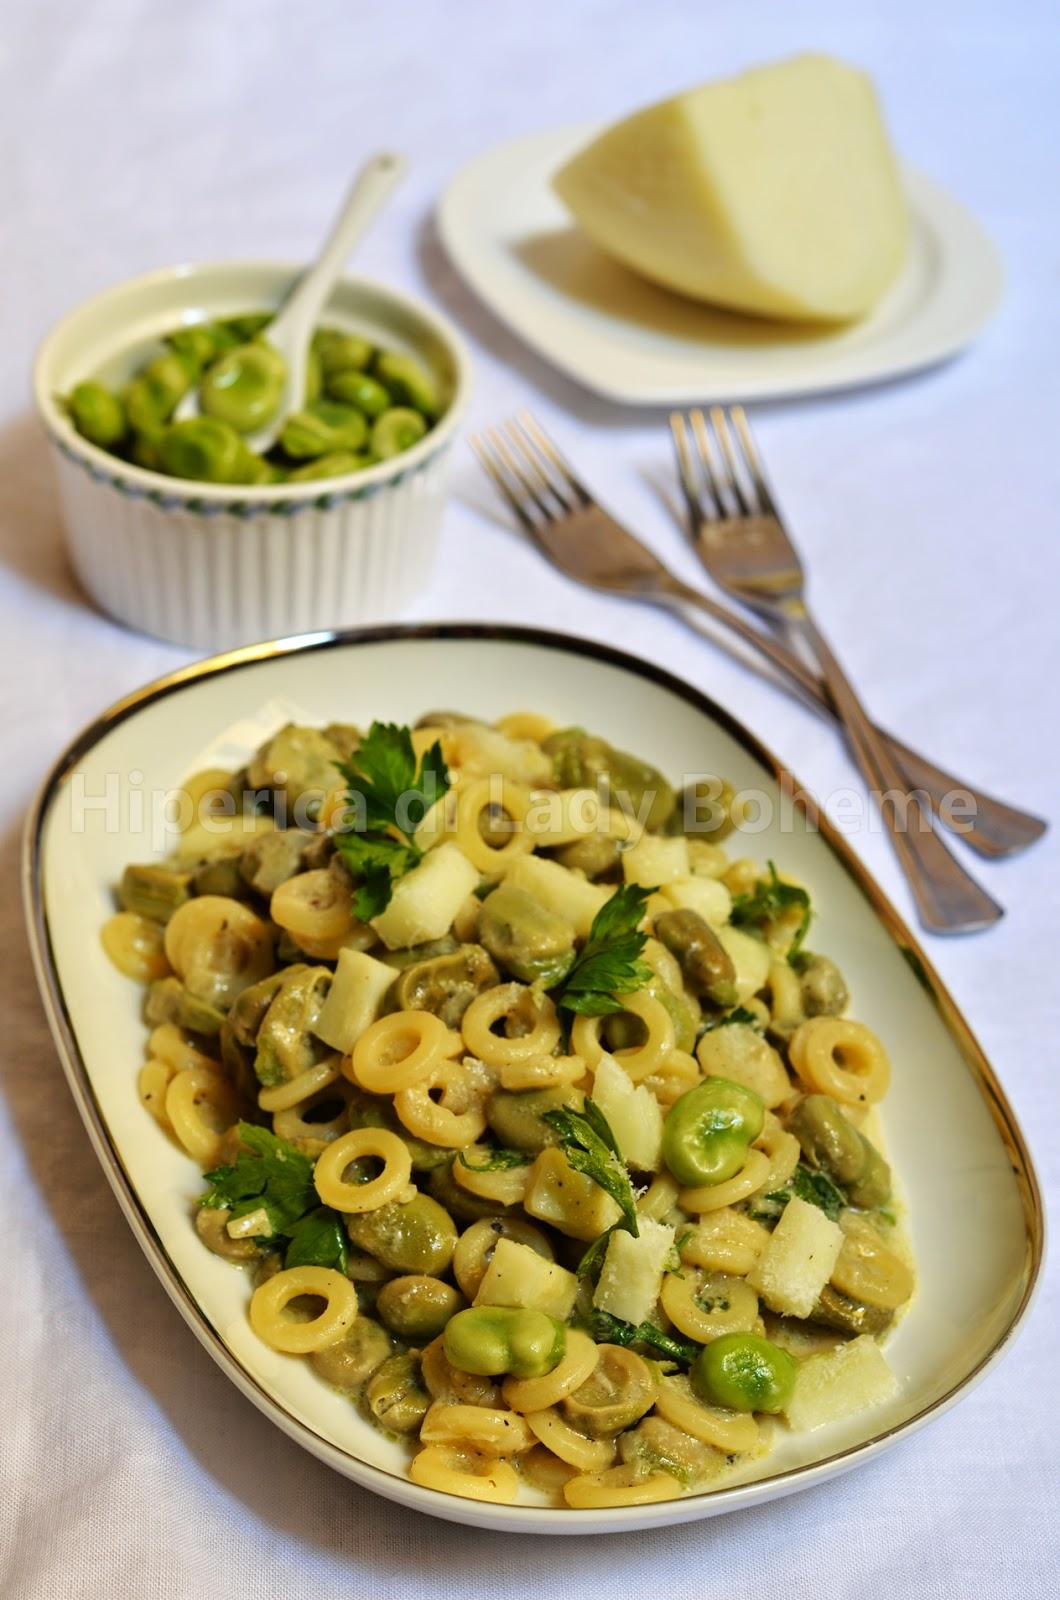 hiperica_lady_boheme_blog_cucina_ricette_gustose_facili_veloci_pasta_con_fave_e_pecorino_fresco_di_pienza_2